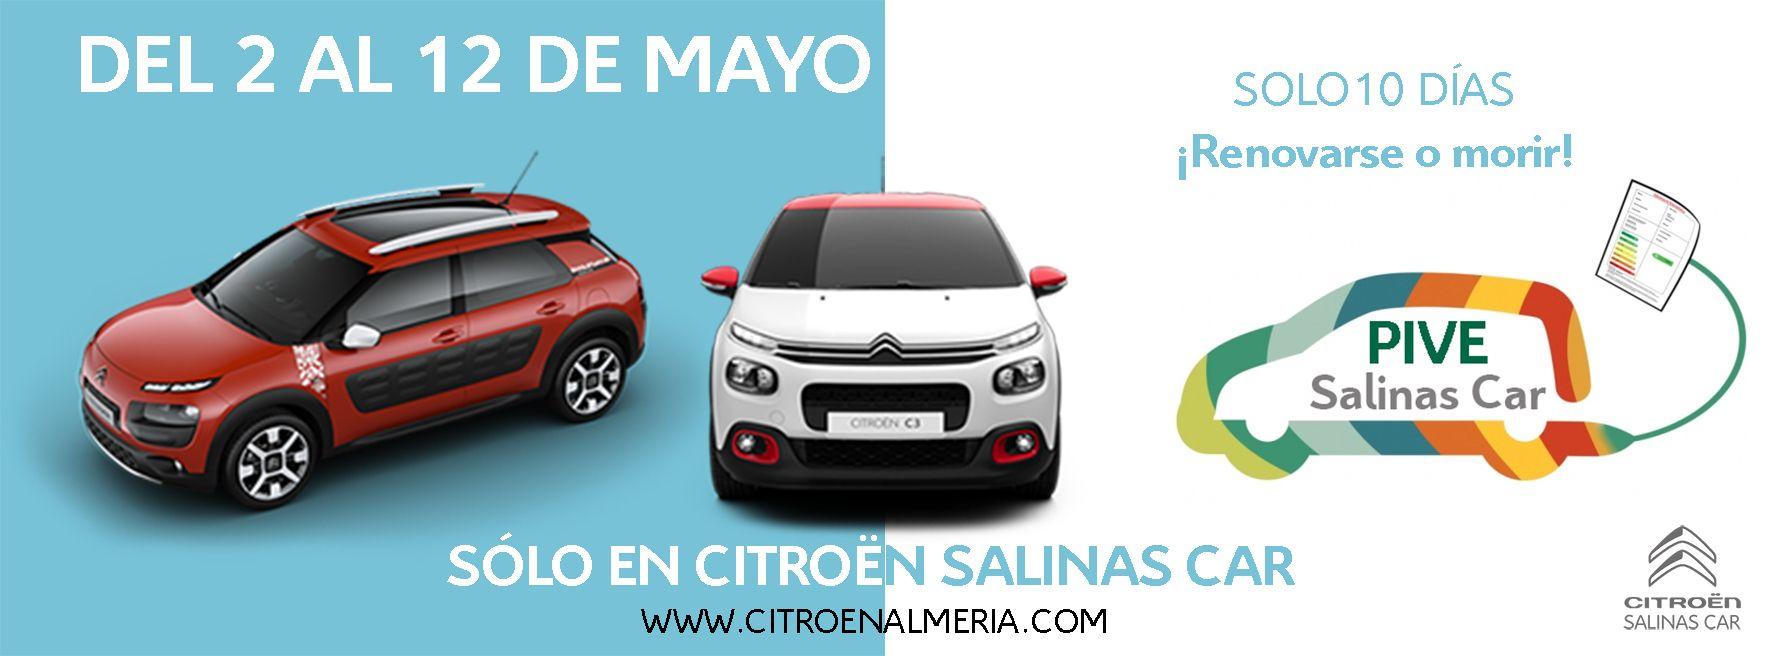 Renuévate con EL PLAN PIVE de Salinas Car DEL 2 AL 12 DE MAYO